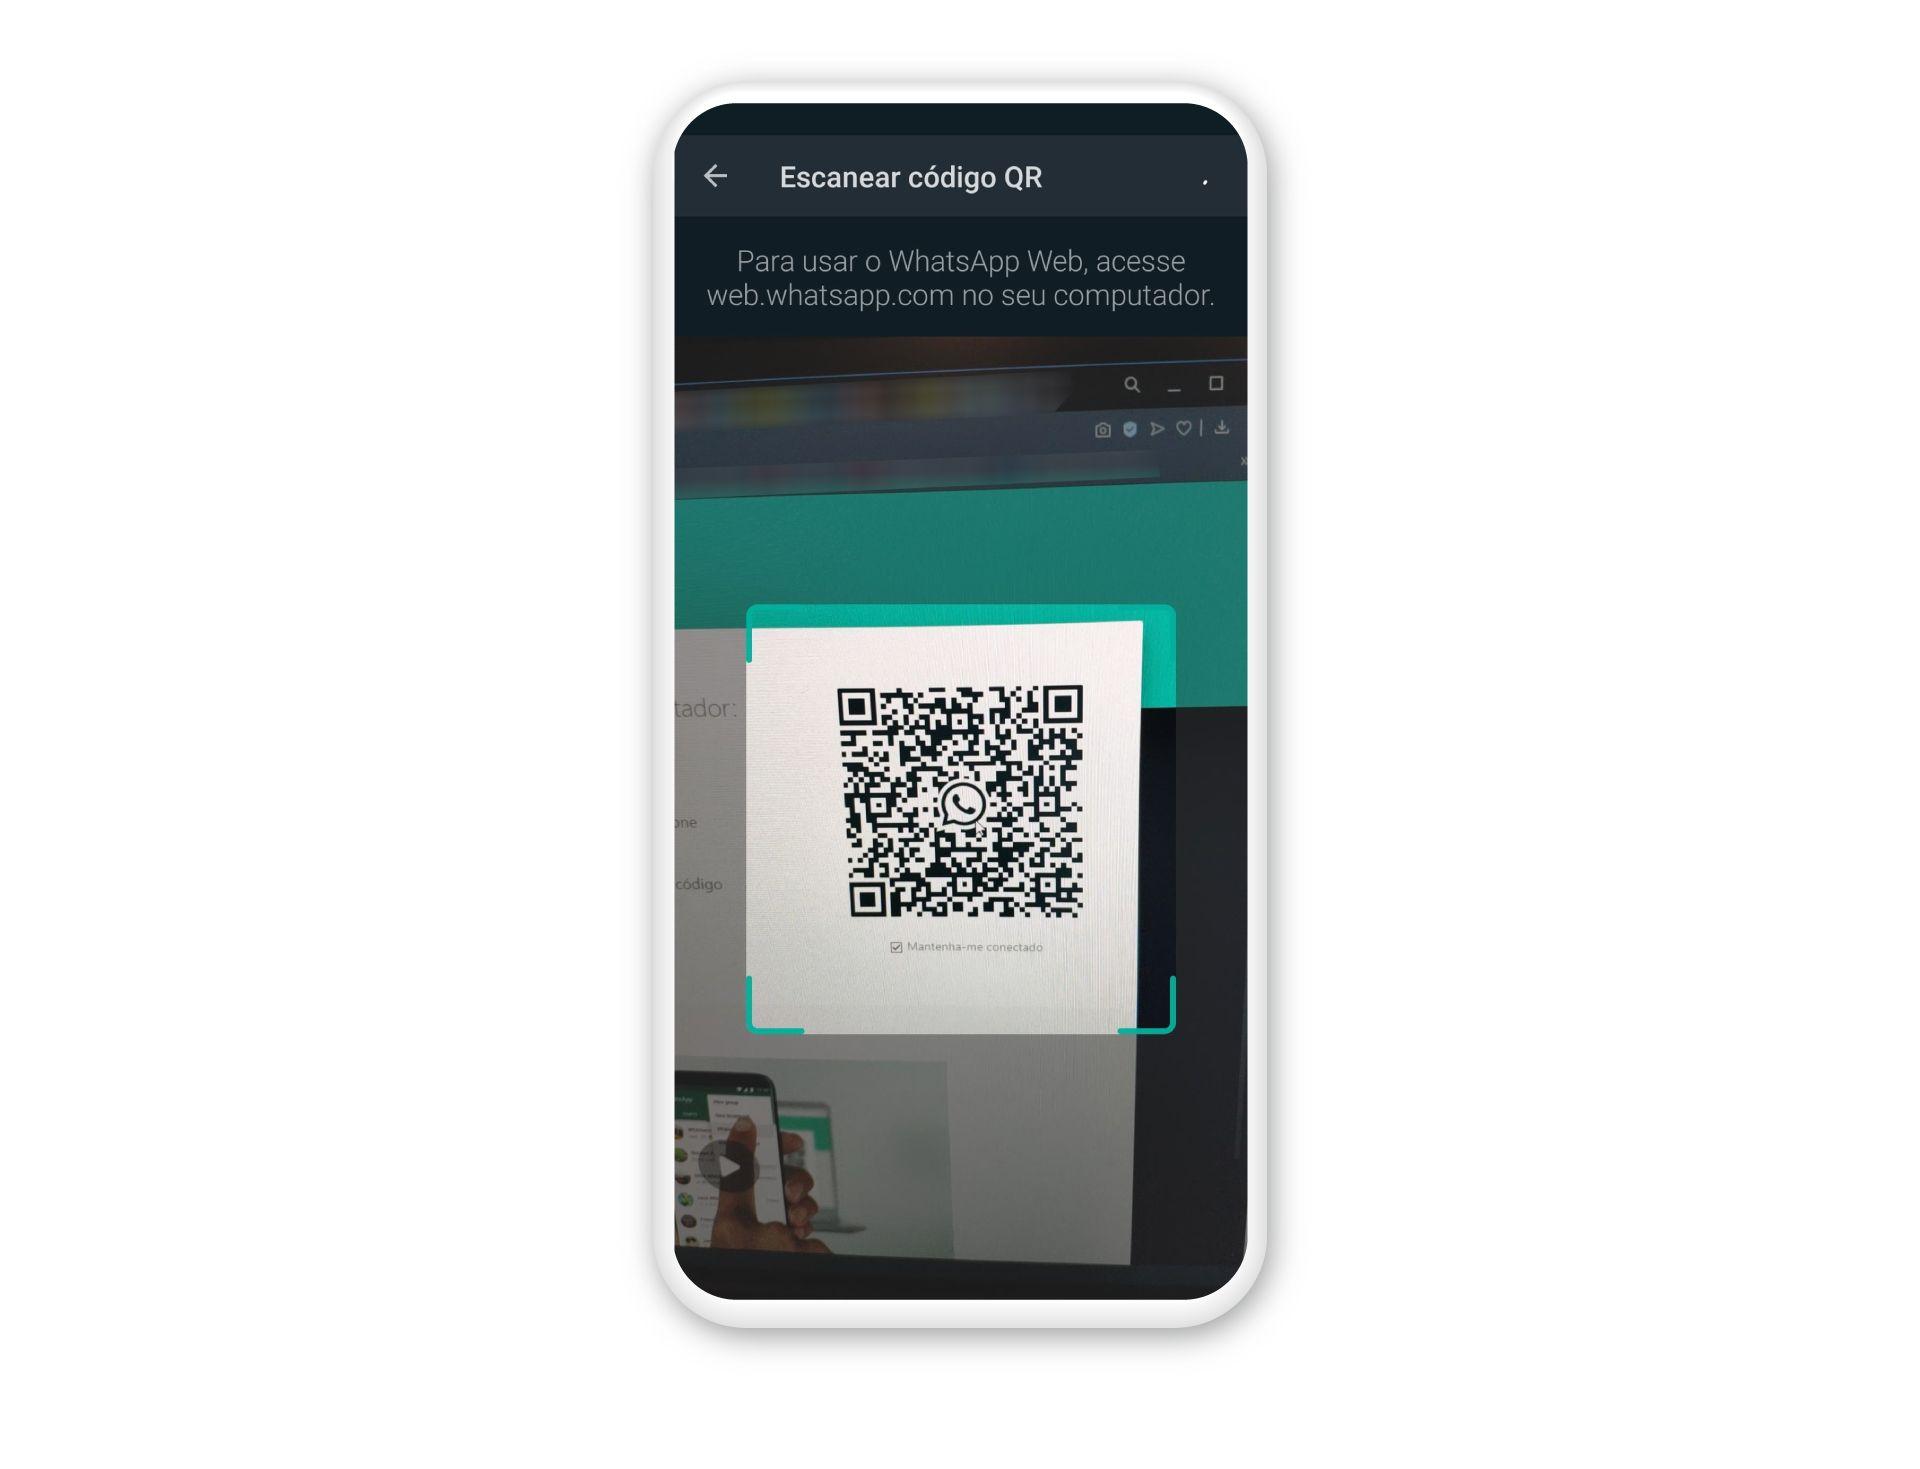 Escaneie o QR Code para ter como usar o WhatsApp no PC (Fonte: Reprodução/Zoom)